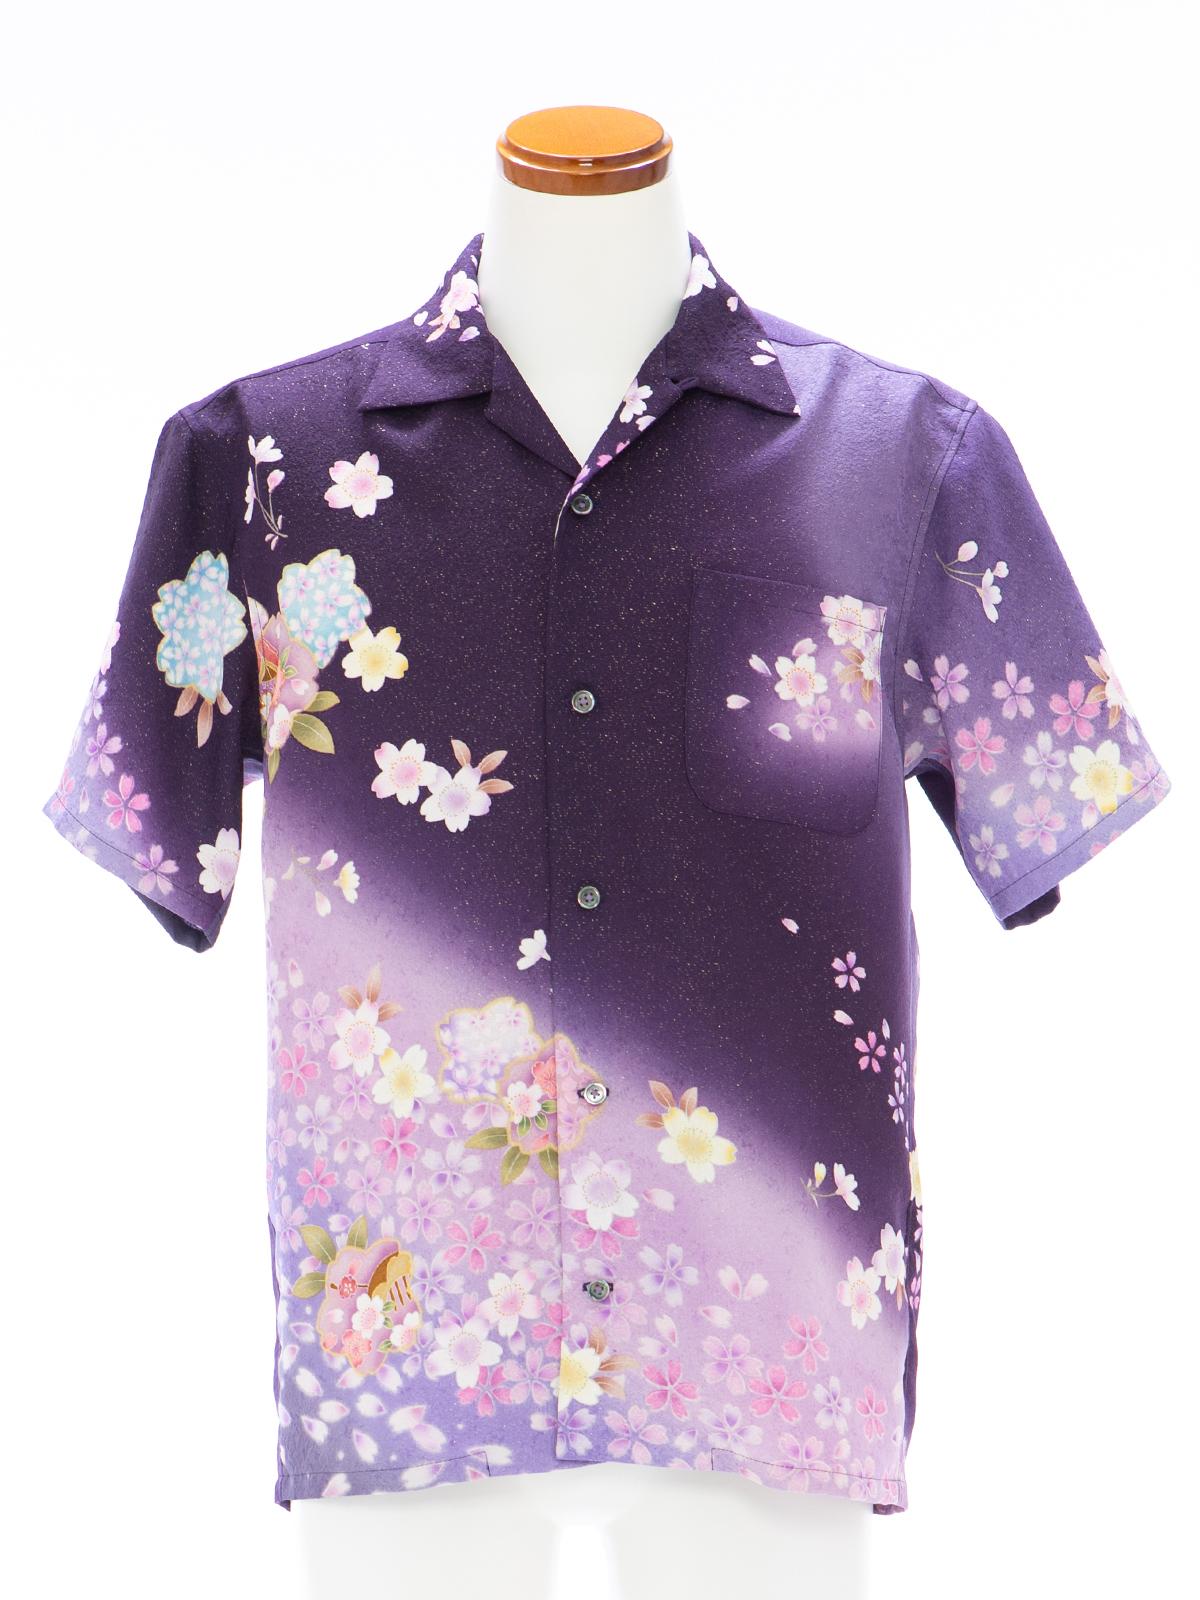 着物アロハシャツ「桜が浮かぶ夜」AH100102